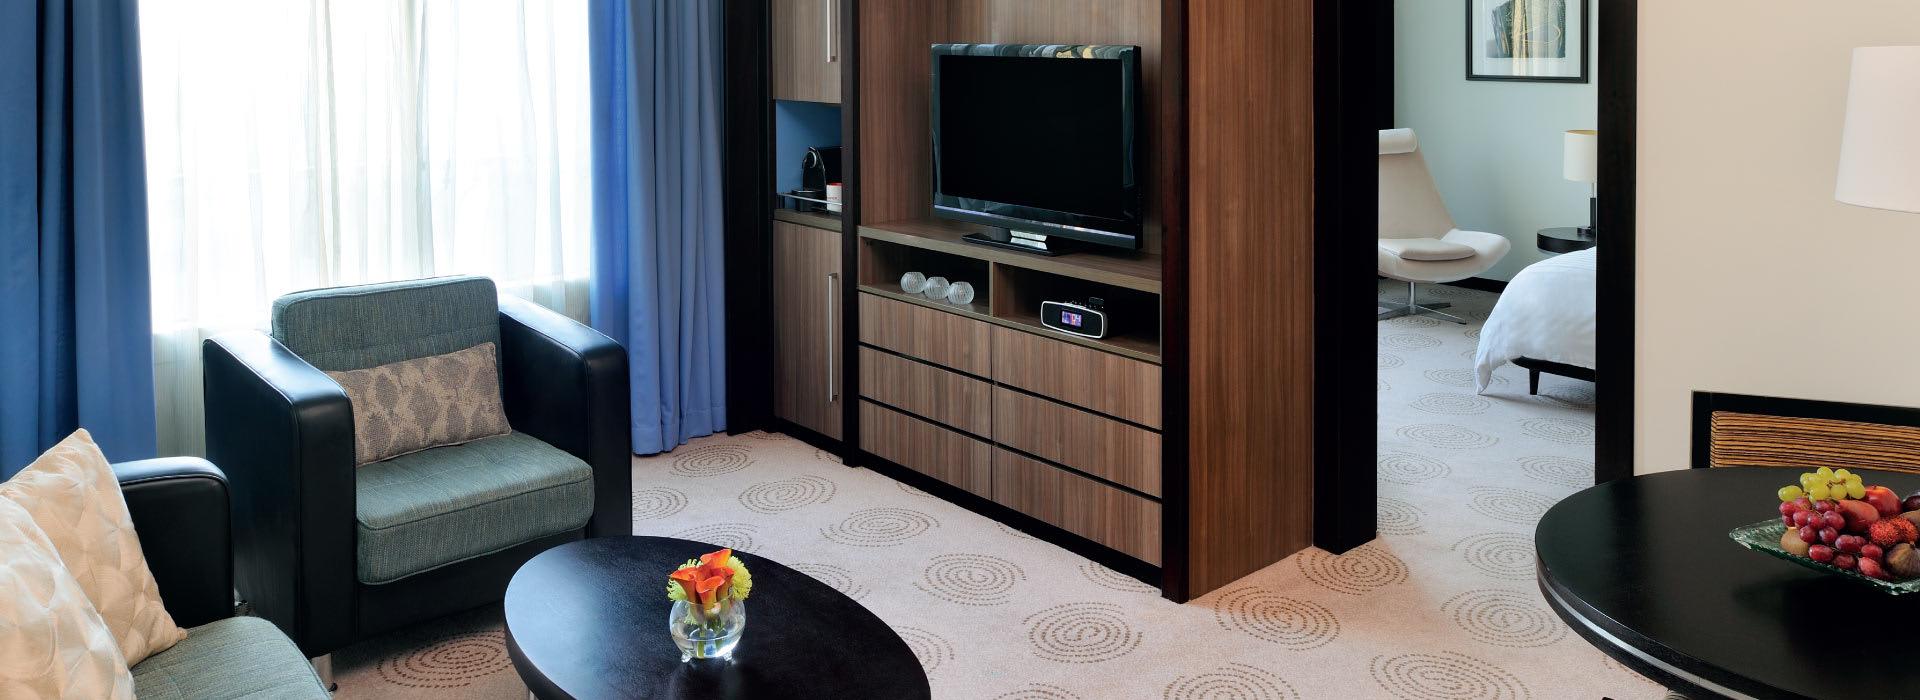 AVANI Deira Hotel Dubai executive suite living area